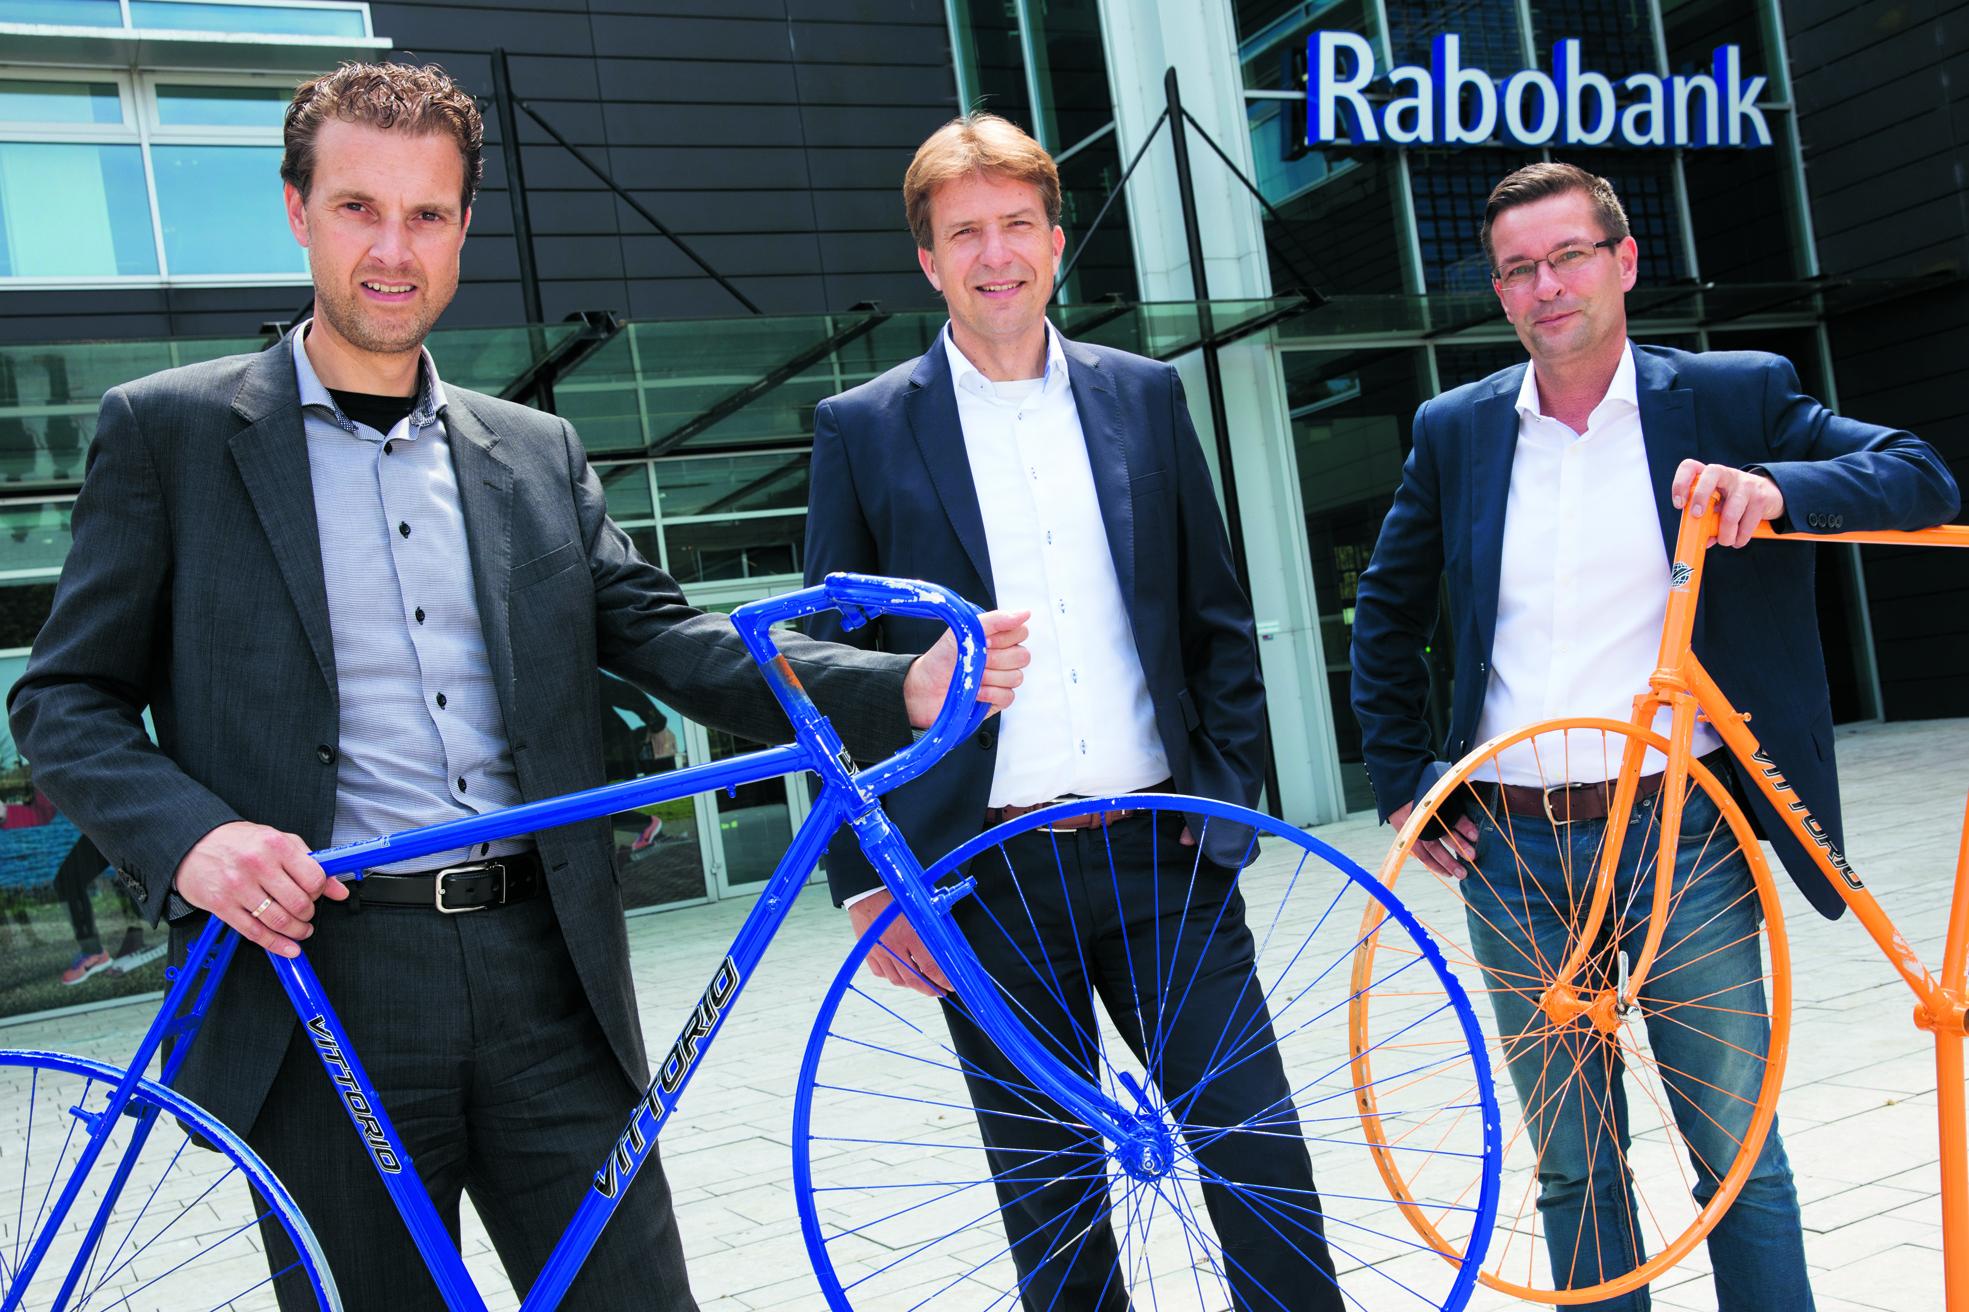 Vlnr. Accountmanager Patrick Leijen en directeur-voorzitter Ralph van Soomeren (beiden van Rabobank Alkmaar e.o.) en Marc van Vliet, penningmeester van Tour de Waard. (foto Vincent de Vries/ Rodi Media)